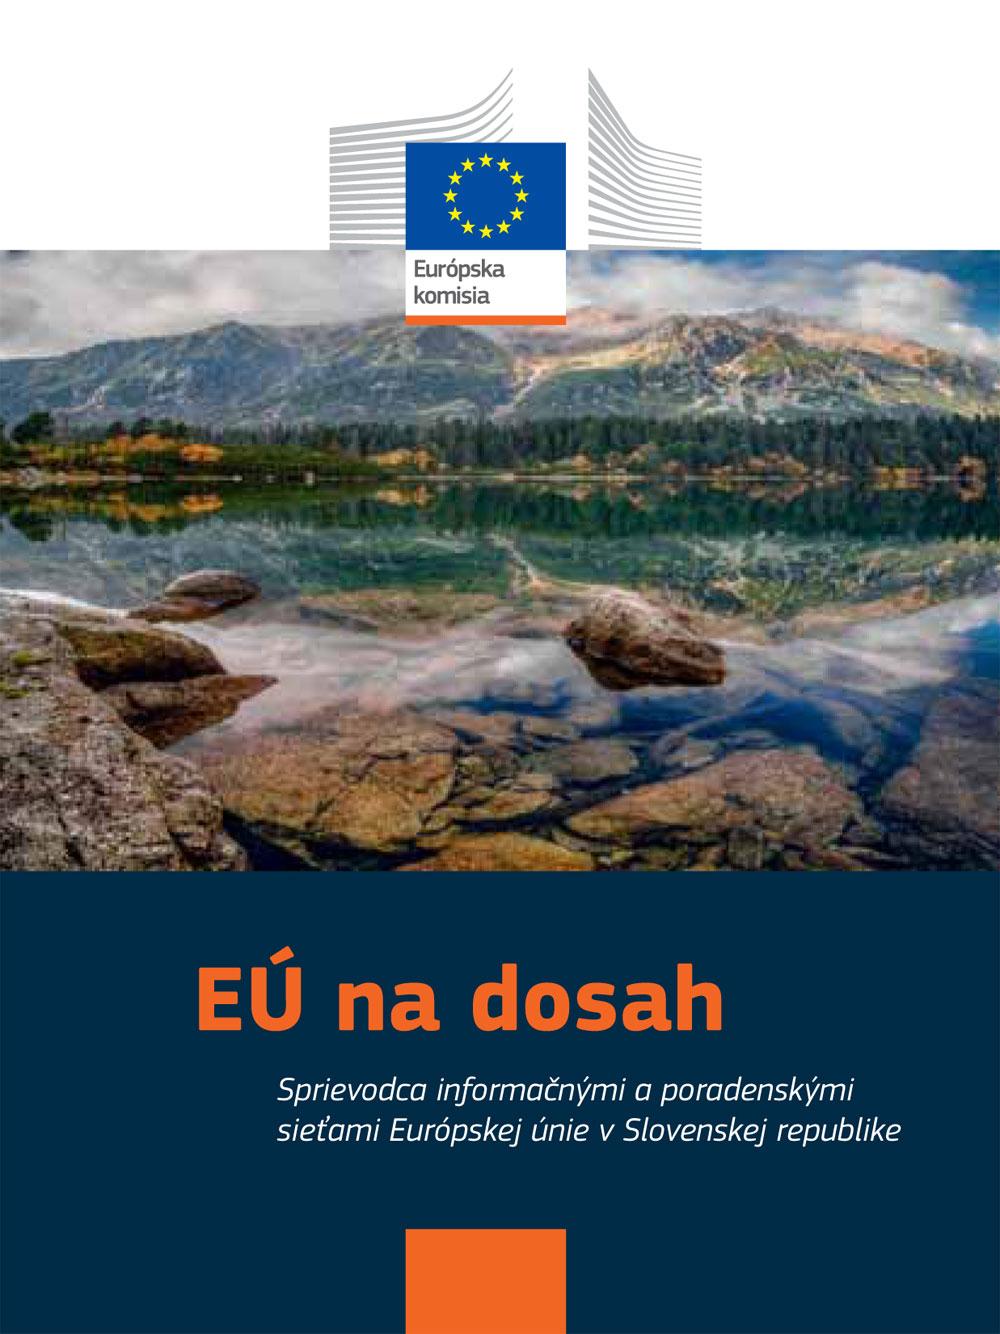 EÚ na dosah - sprievodca informačnými a poradenskými sieťami Európskej únie v Slovenskej republike